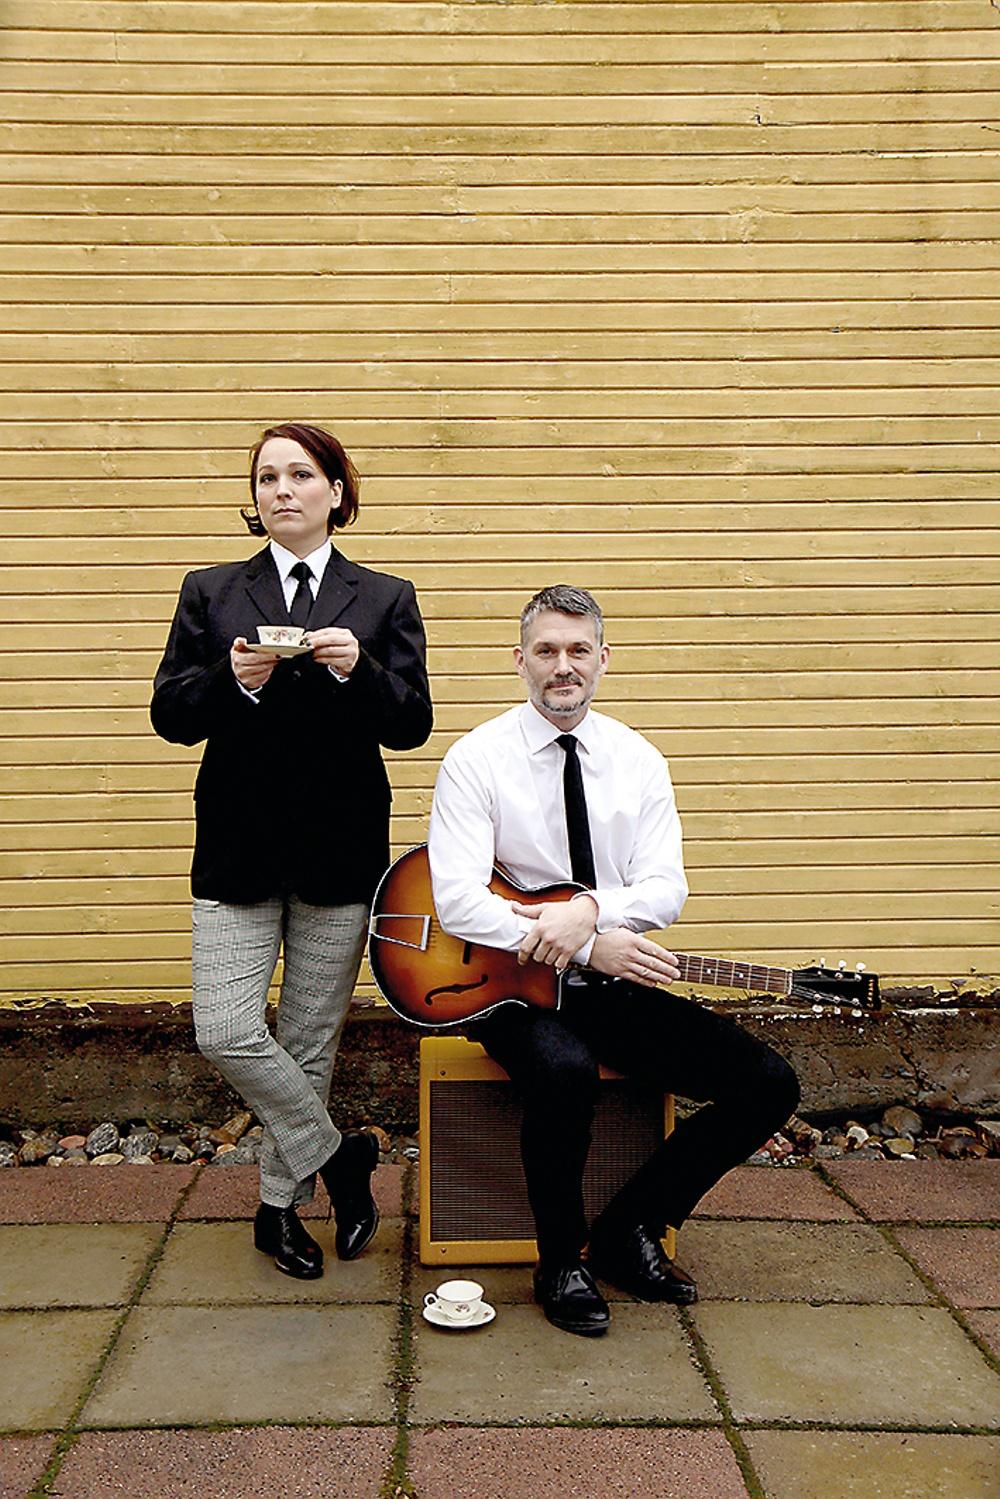 Saga Eserstam och Hans Ericsson i All You Need Is Beatles, Västerbottensteatern våren 2021. Foto: Johan Lindström.